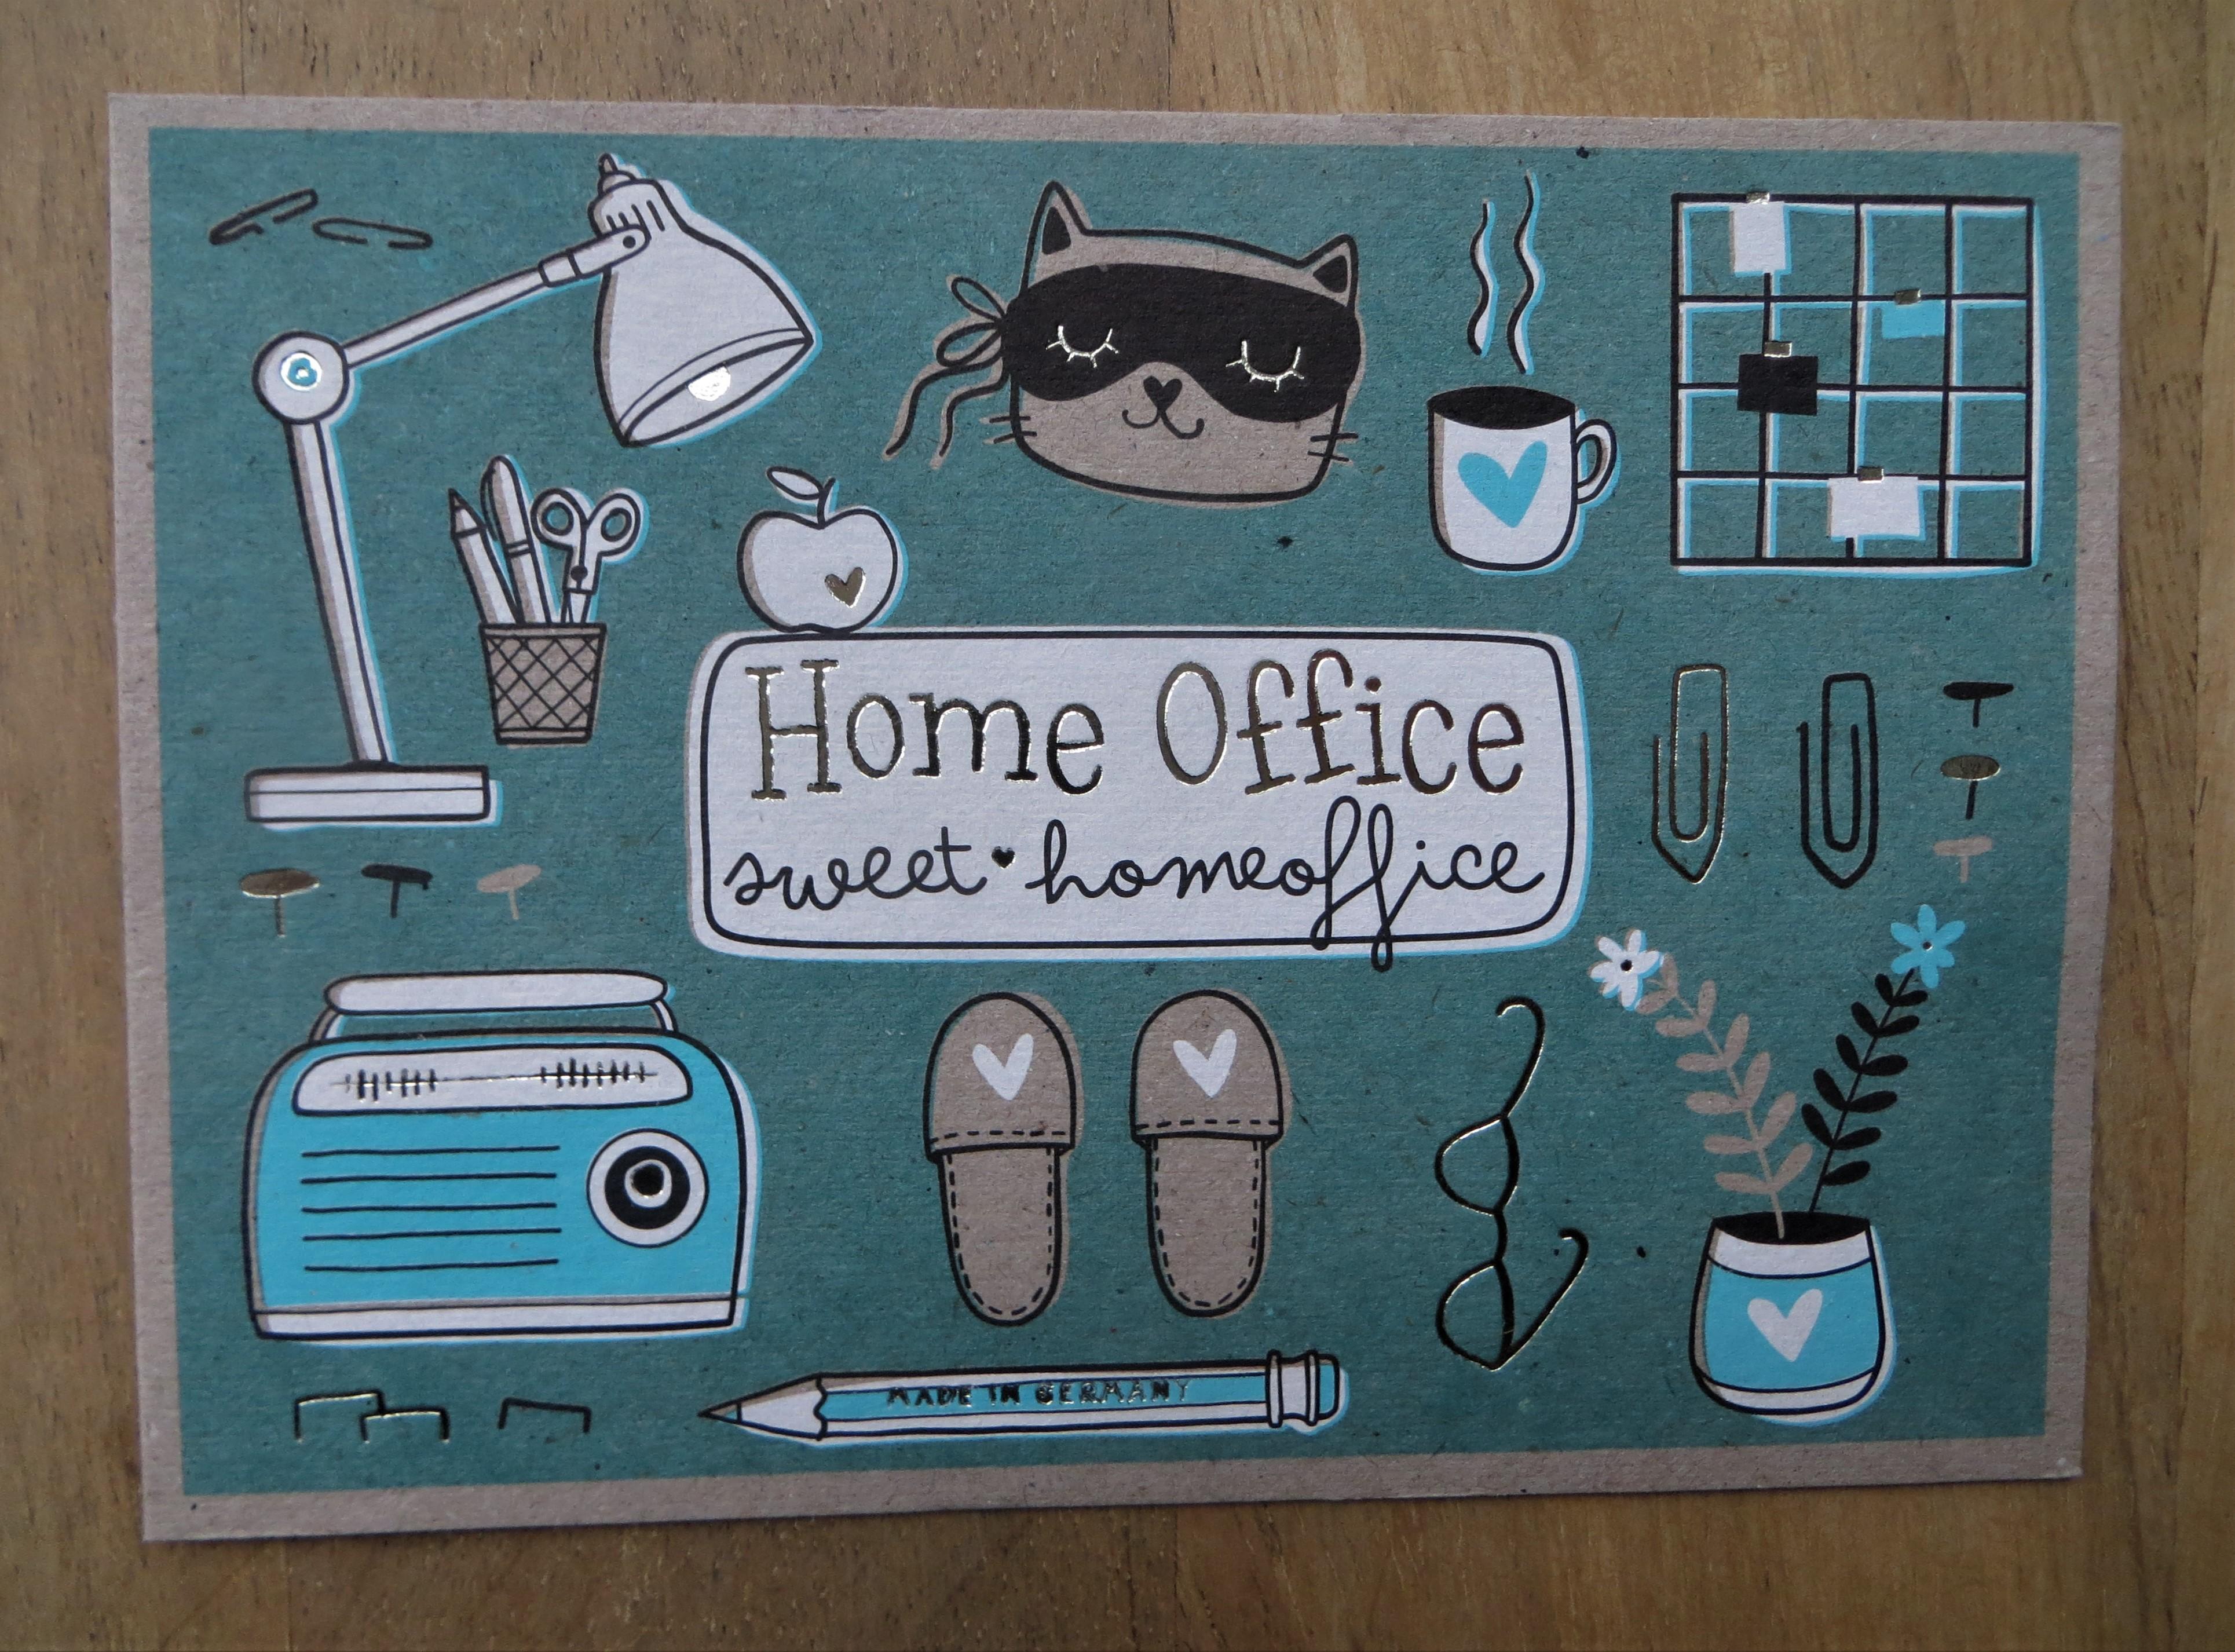 Nützlichgrusskarten - Postkarte Homeoffice sweet homeoffice KUNST und BILD - Onlineshop Tante Emmer